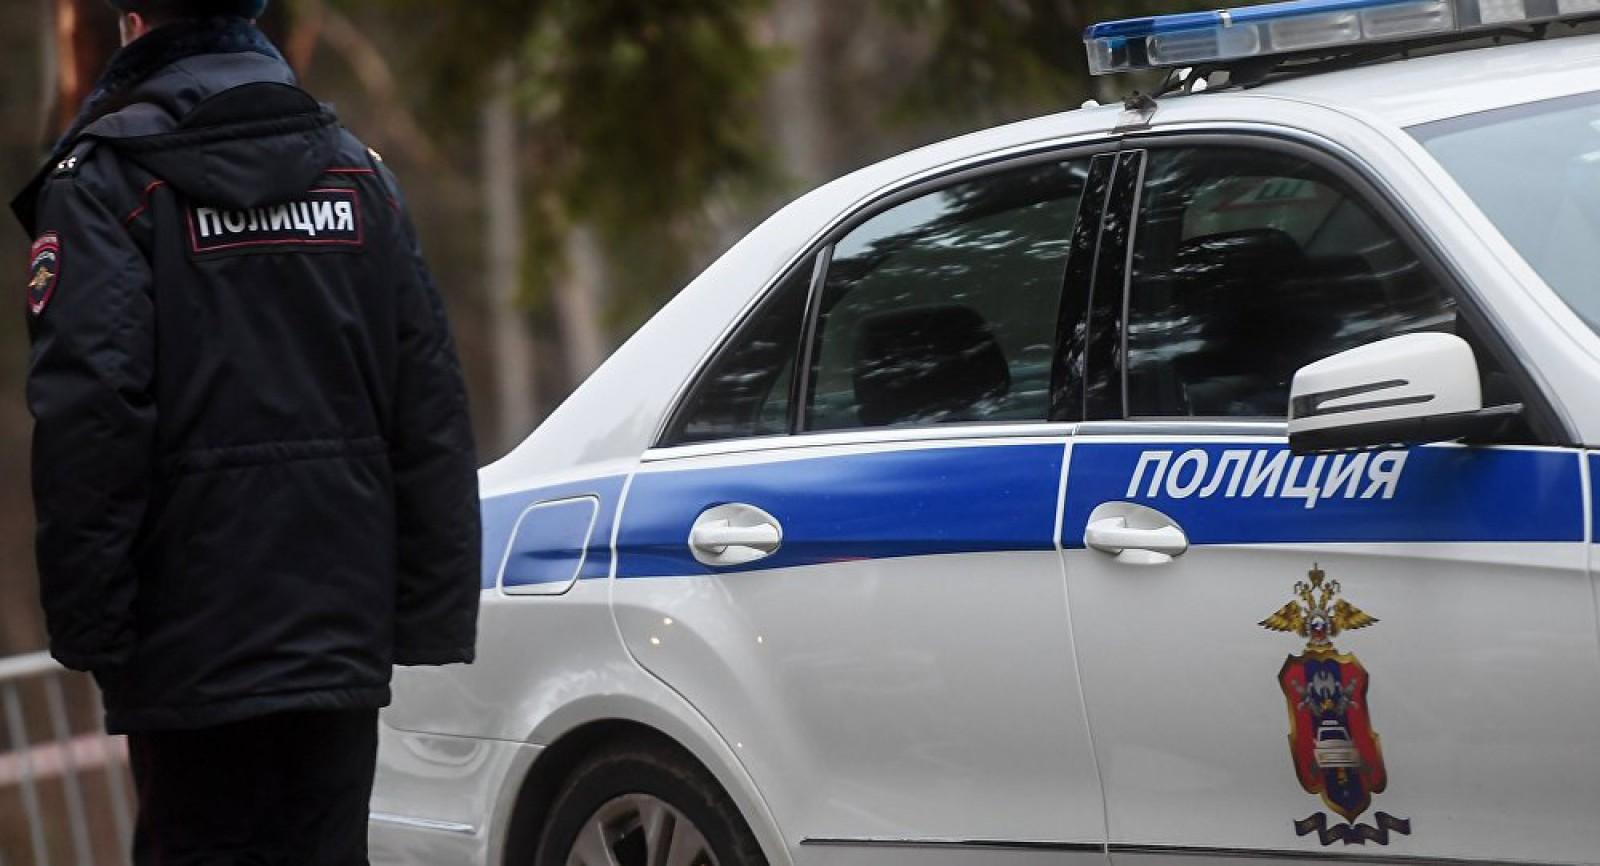 Aflată în căutare încă din 2005 pentru trafic de copii, o moldoveancă a fost extrădată de autoritățile ruse în RM